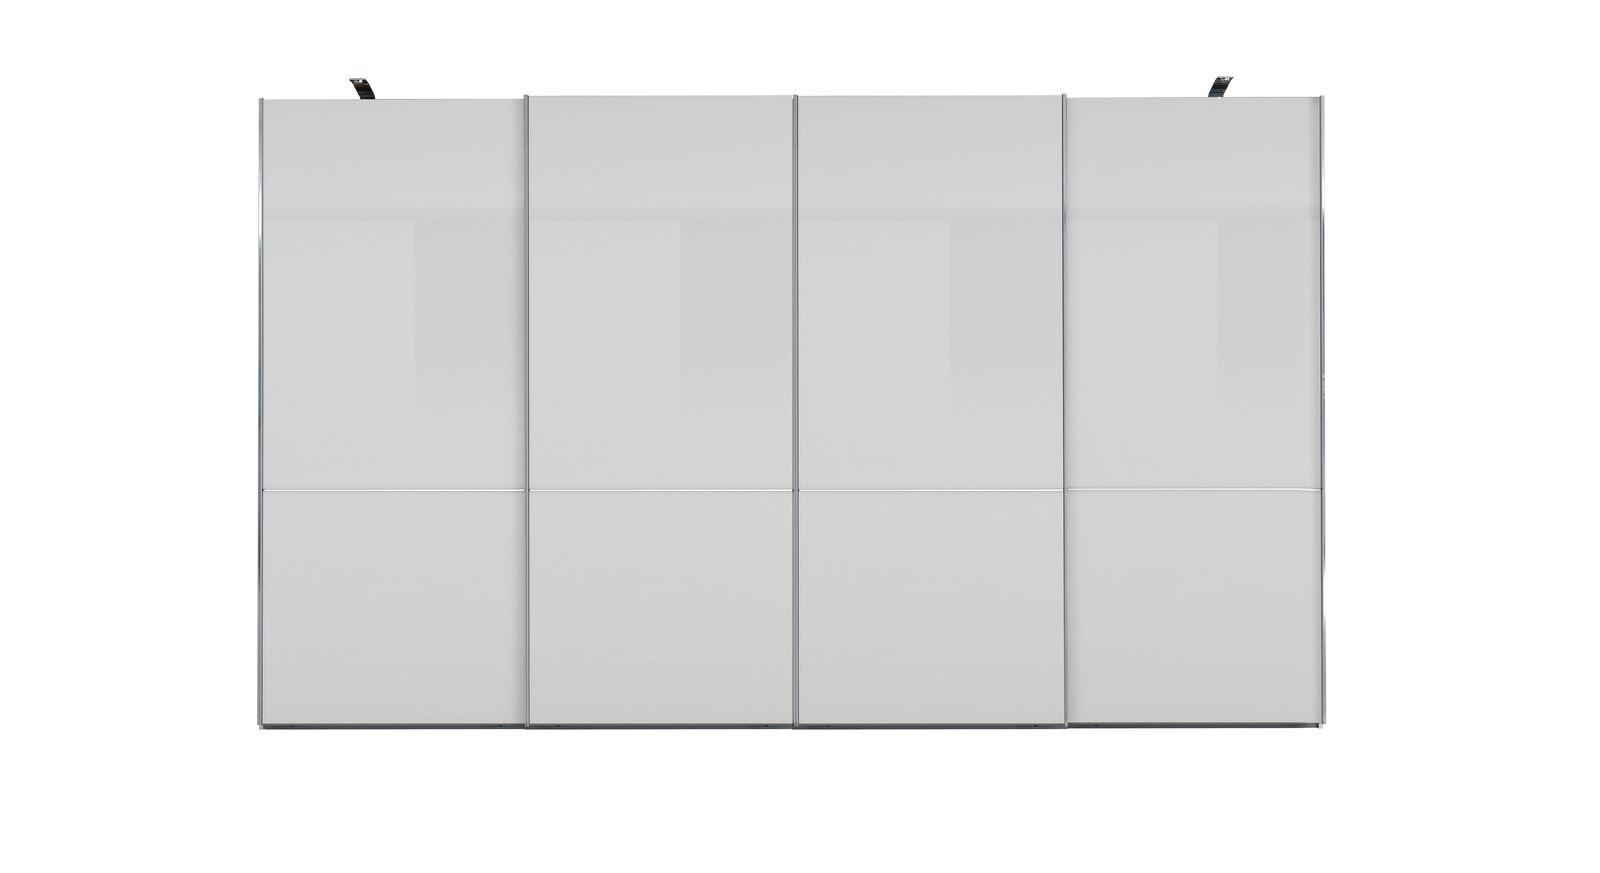 GALLERY M Schwebetüren-Kleiderschrank IMOLA W Weiß - 4-türig ohne Zierspiegel